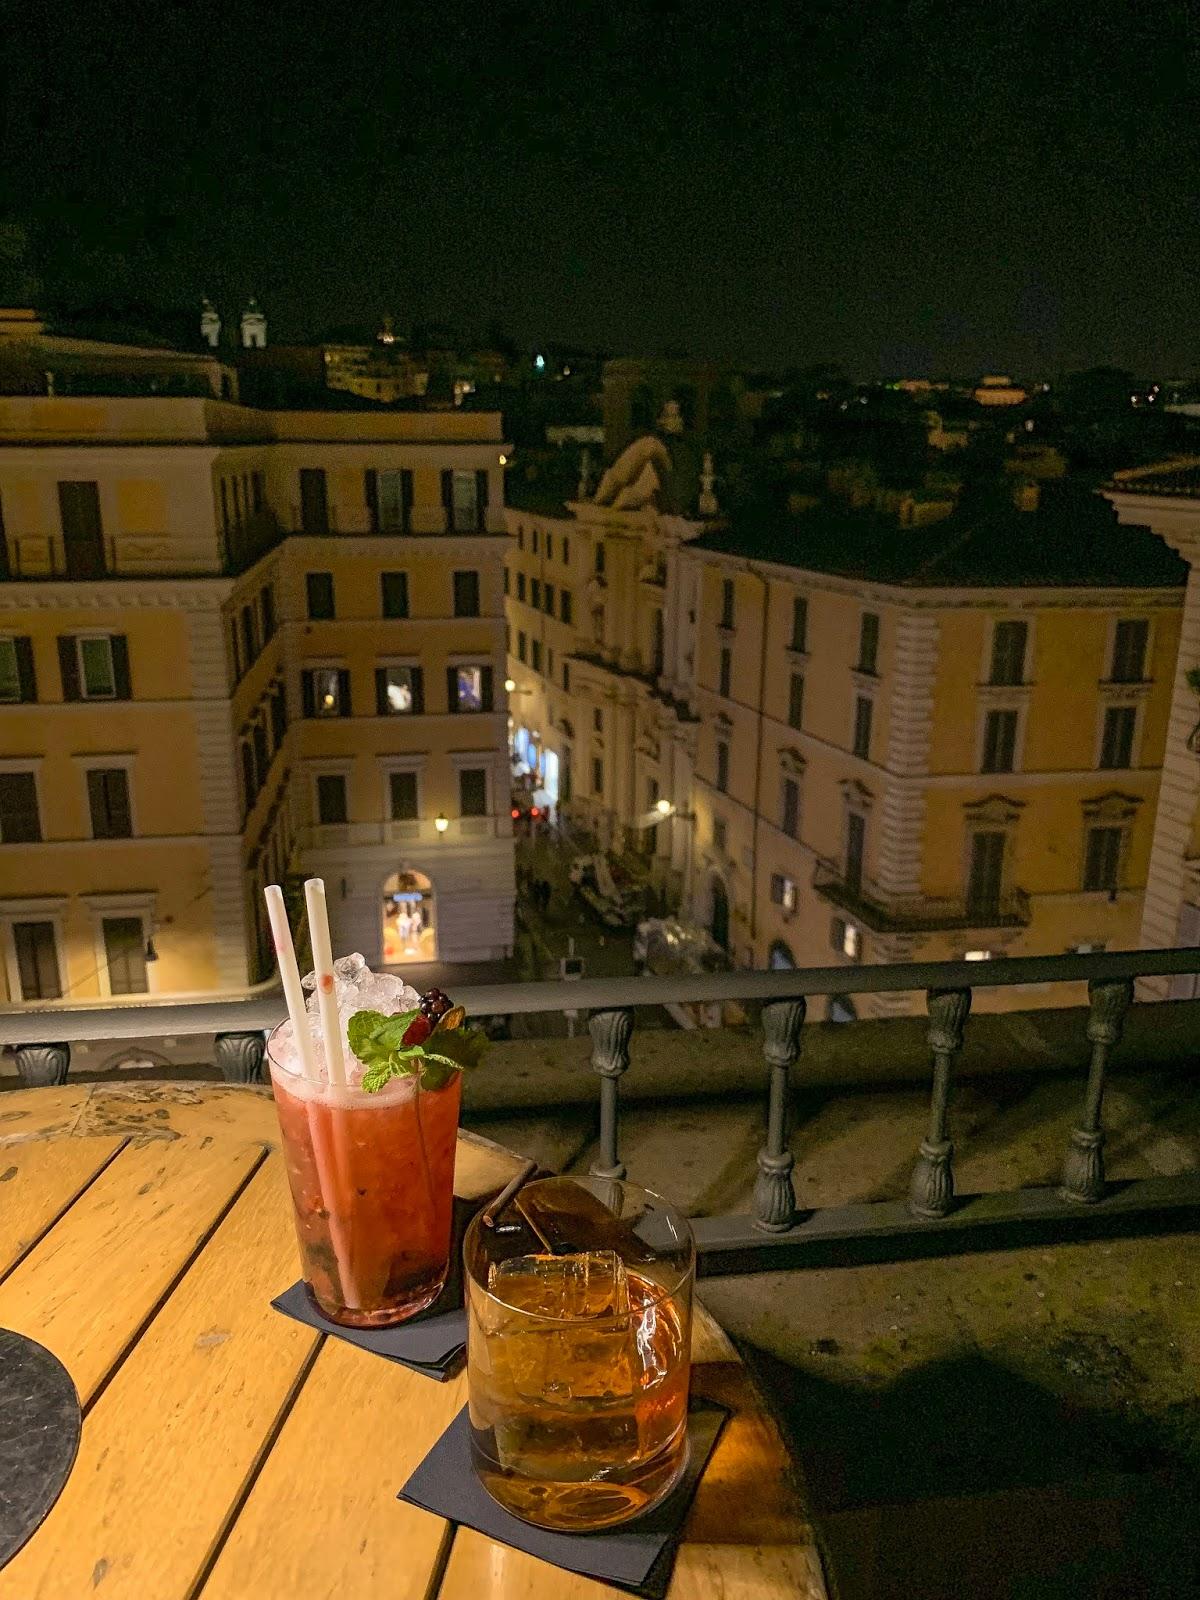 locali a roma dove andare di sera, locali a Roma, fashion need, Valentina Rago, fashion blog italia